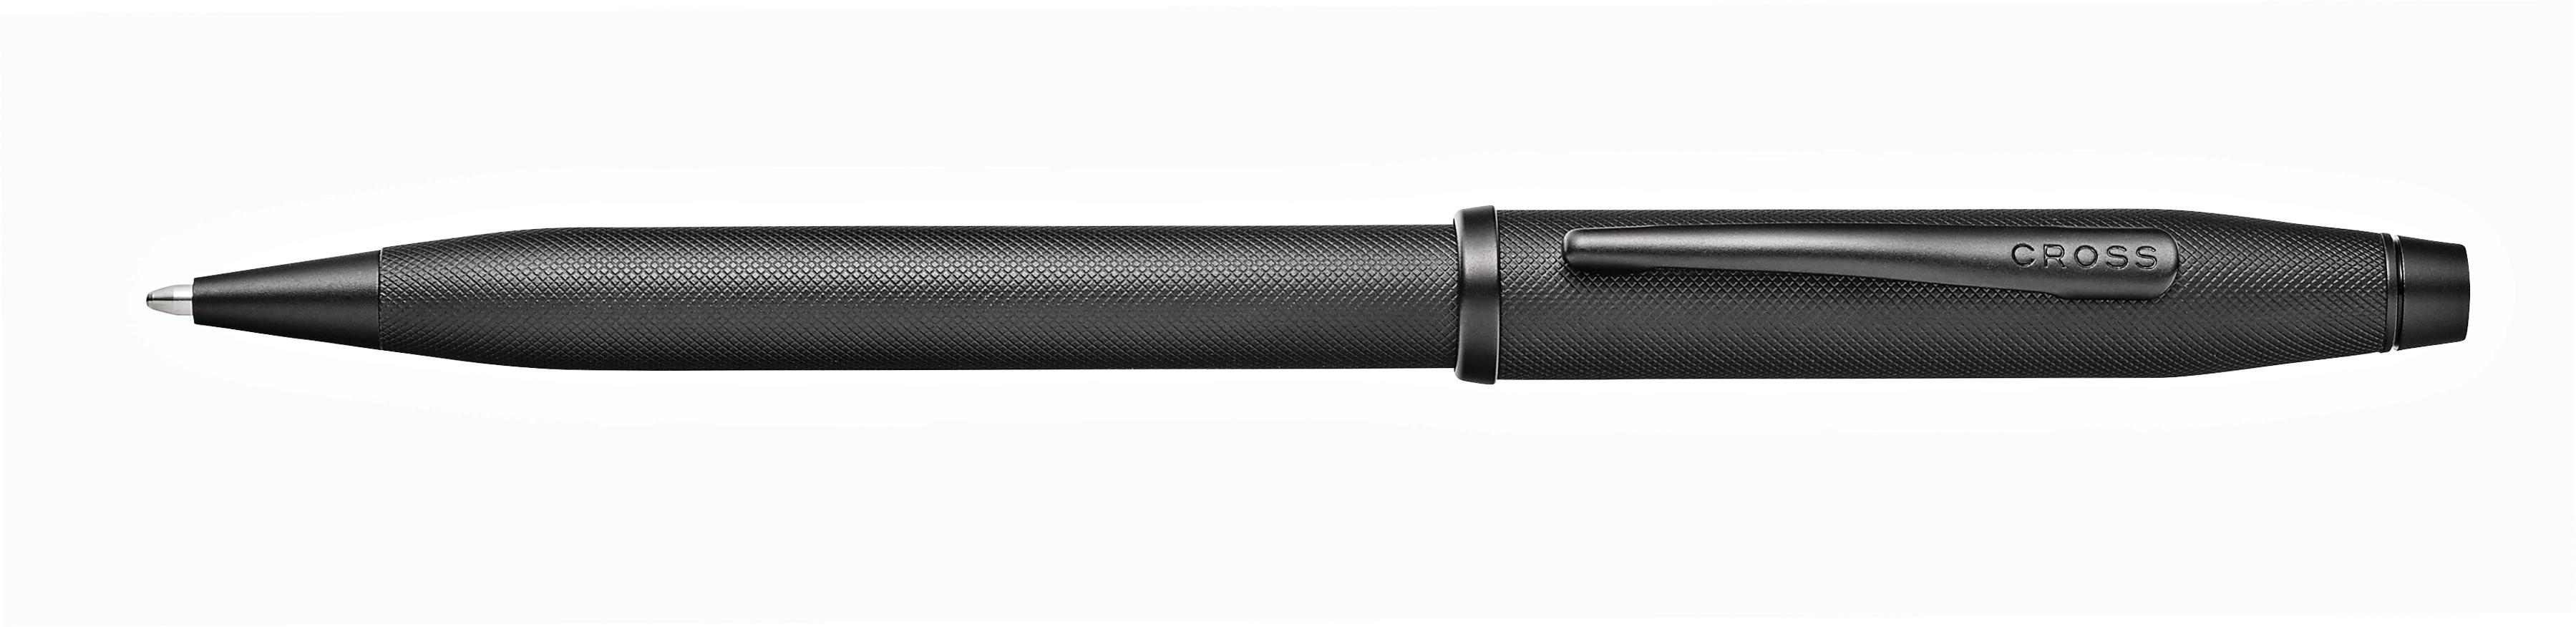 Century II Black Micro-knurl Ballpoint Pen